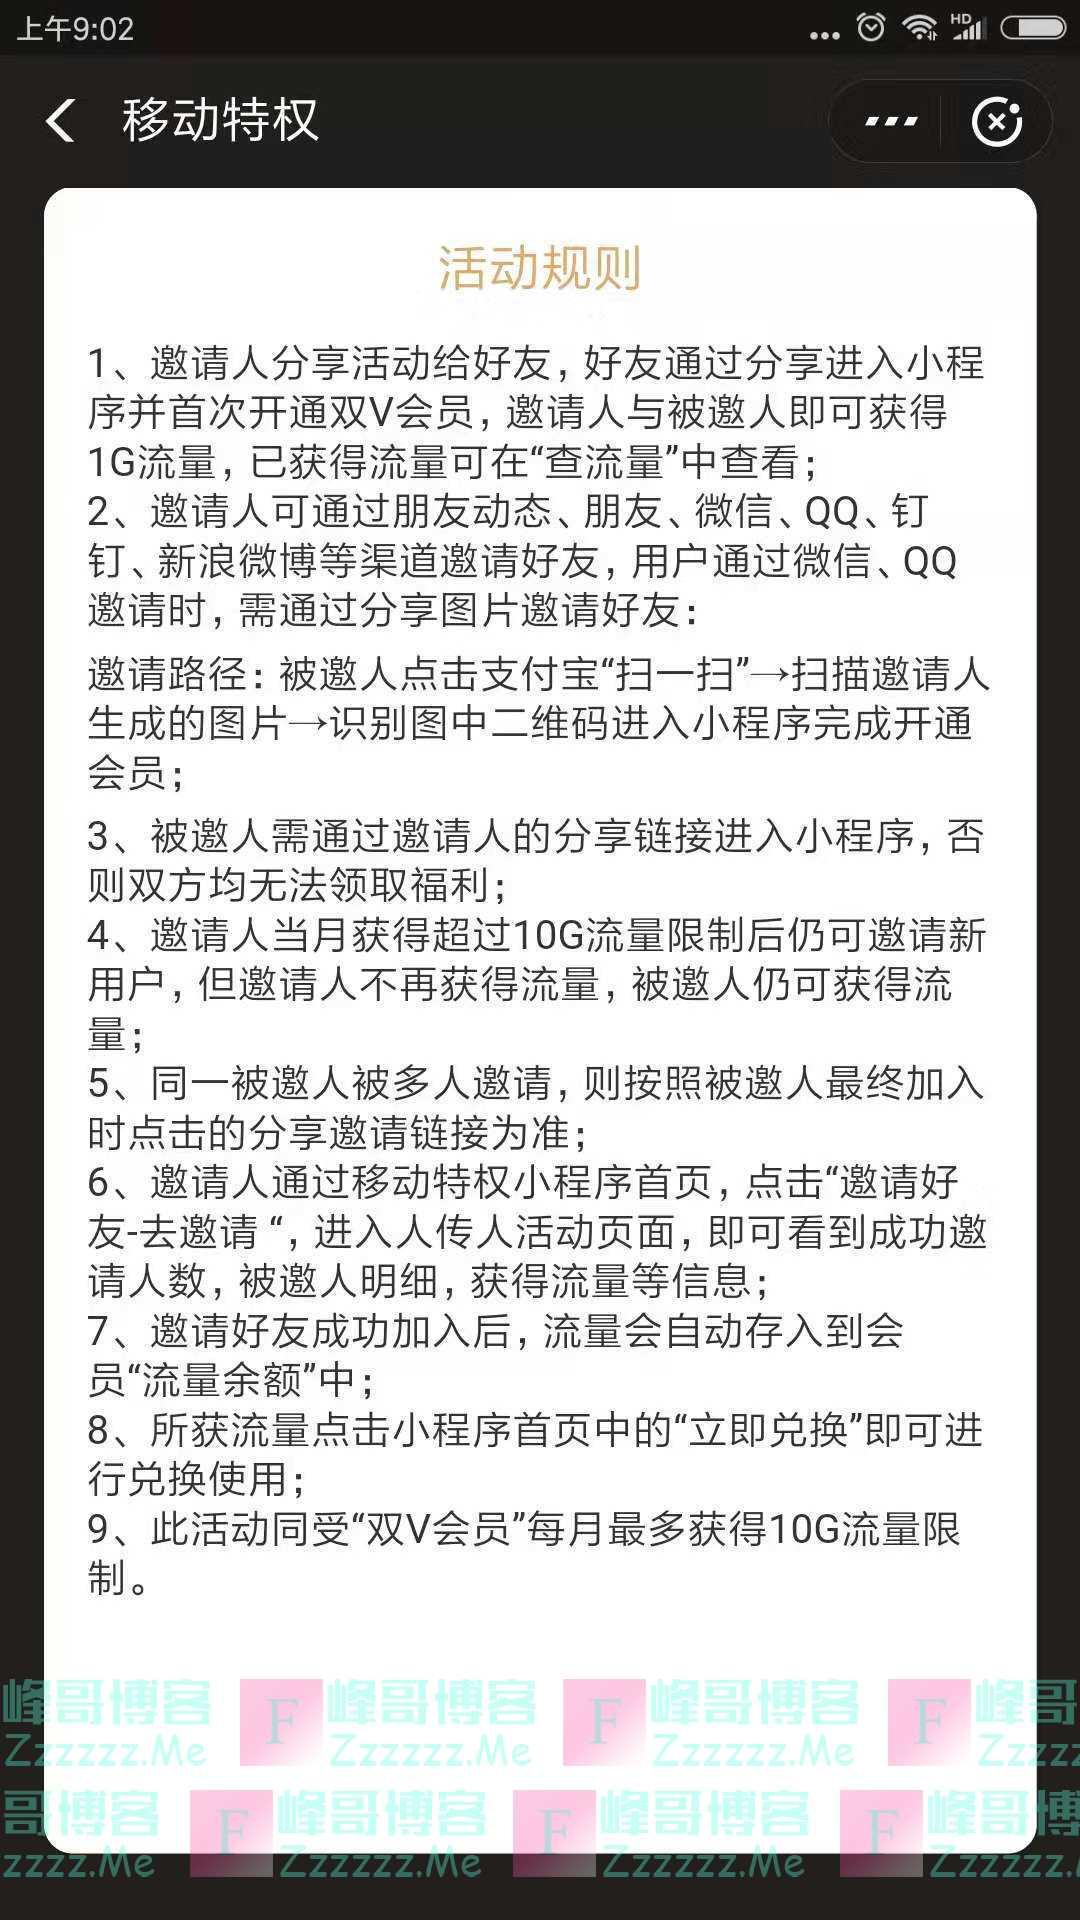 中国移动邀好友赚流量(截止不详)